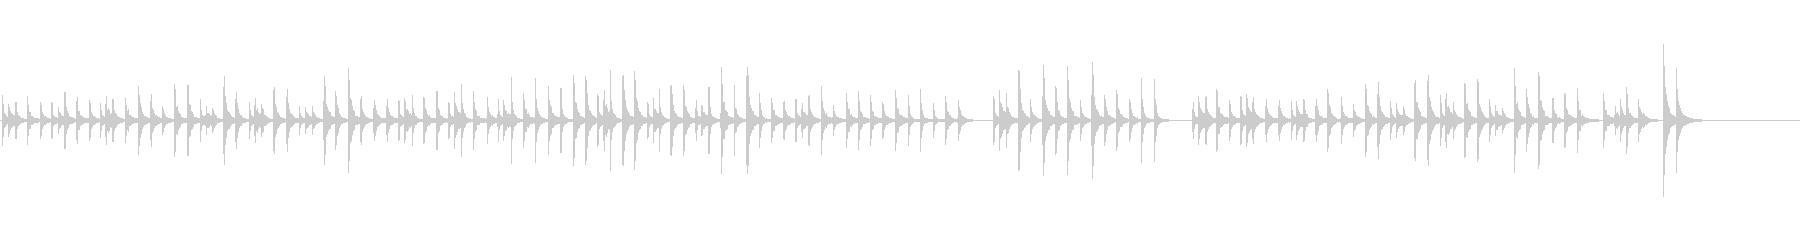 ねこふんじゃったのトイピアノバージョンの未再生の波形